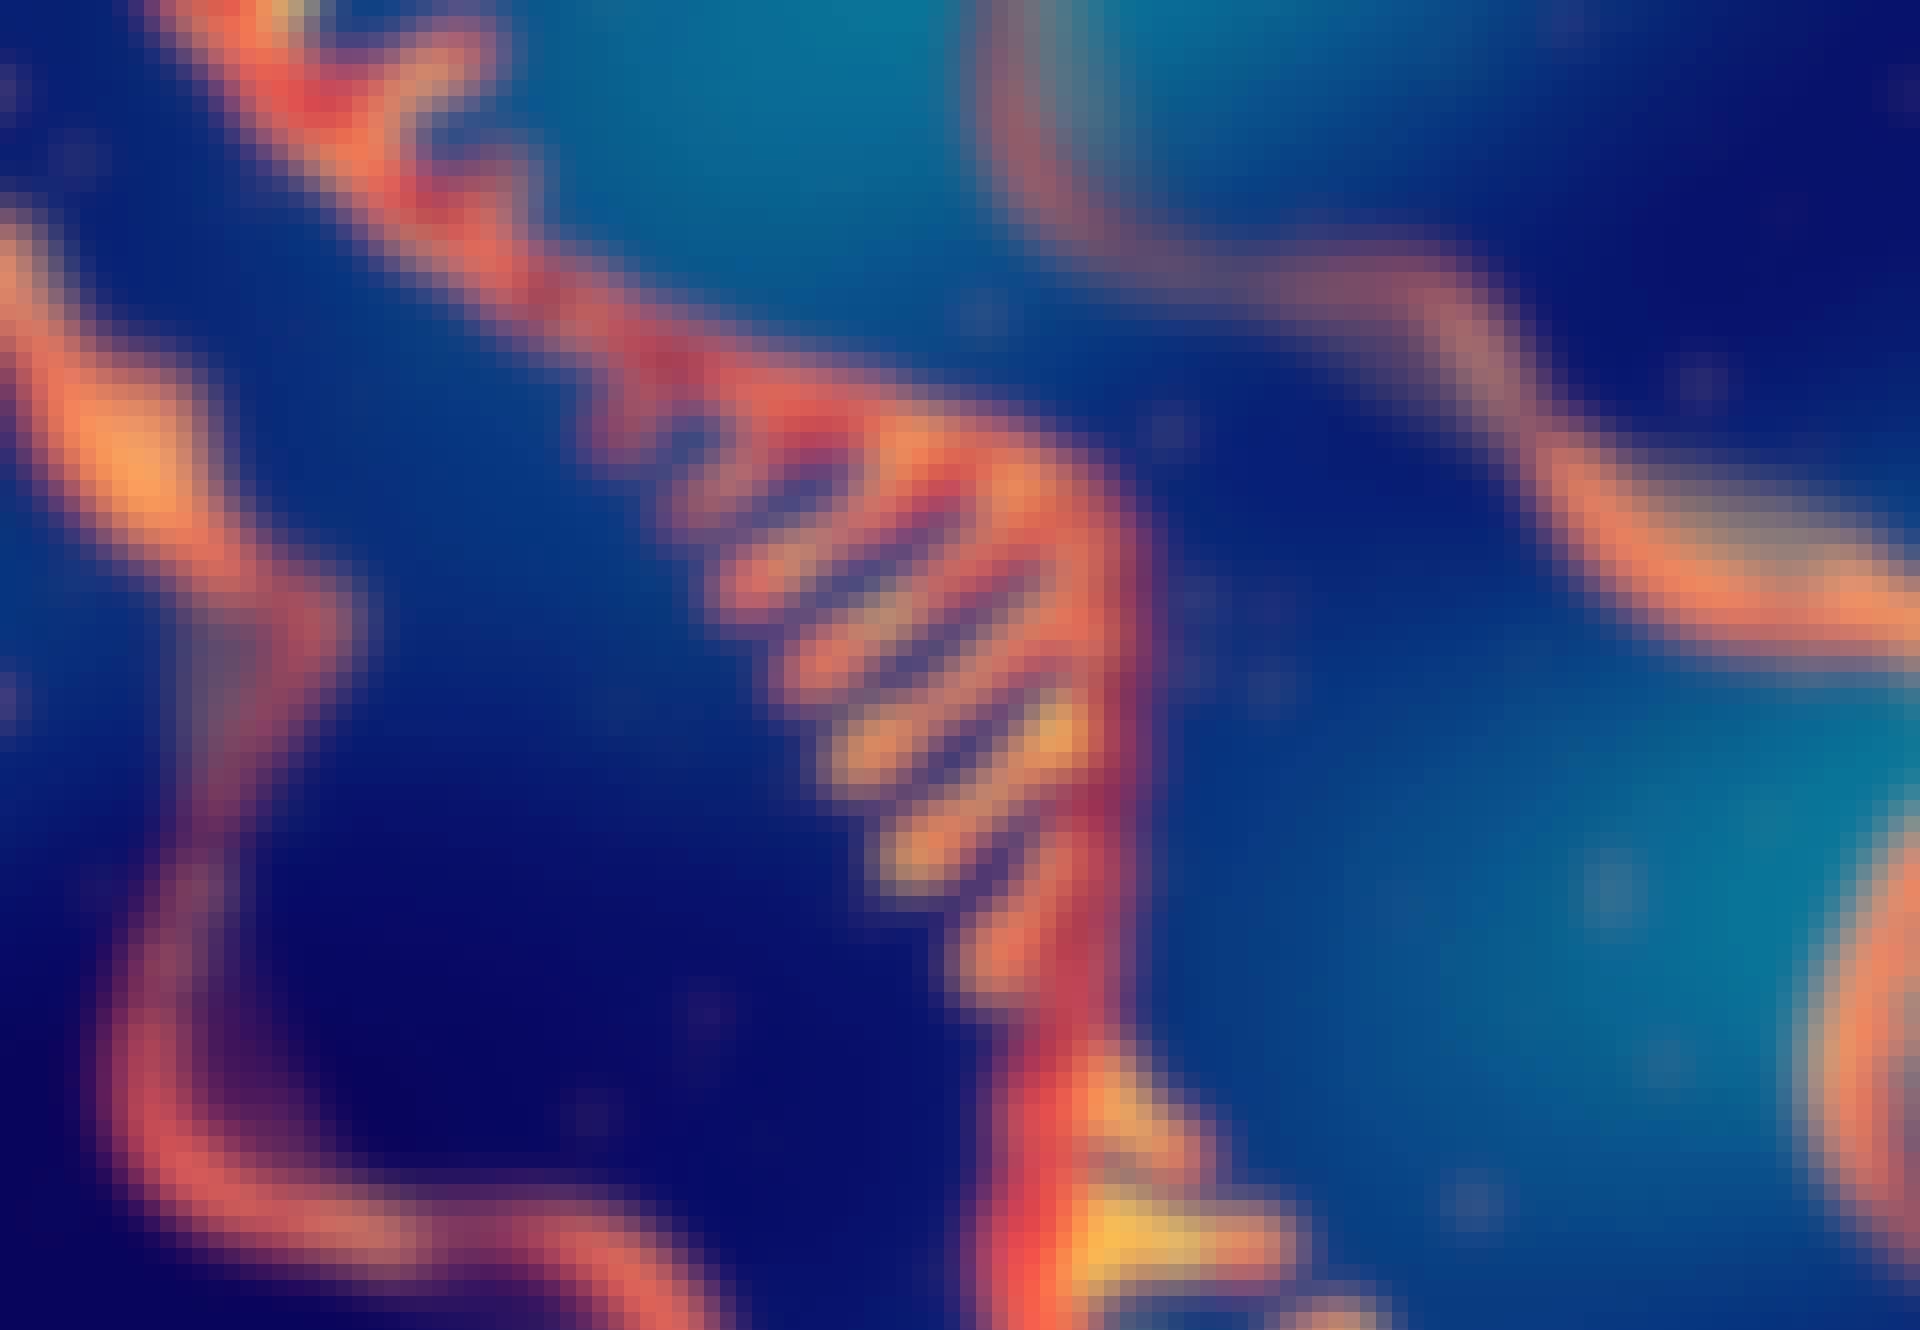 Yksisäikeinen RNA - virus